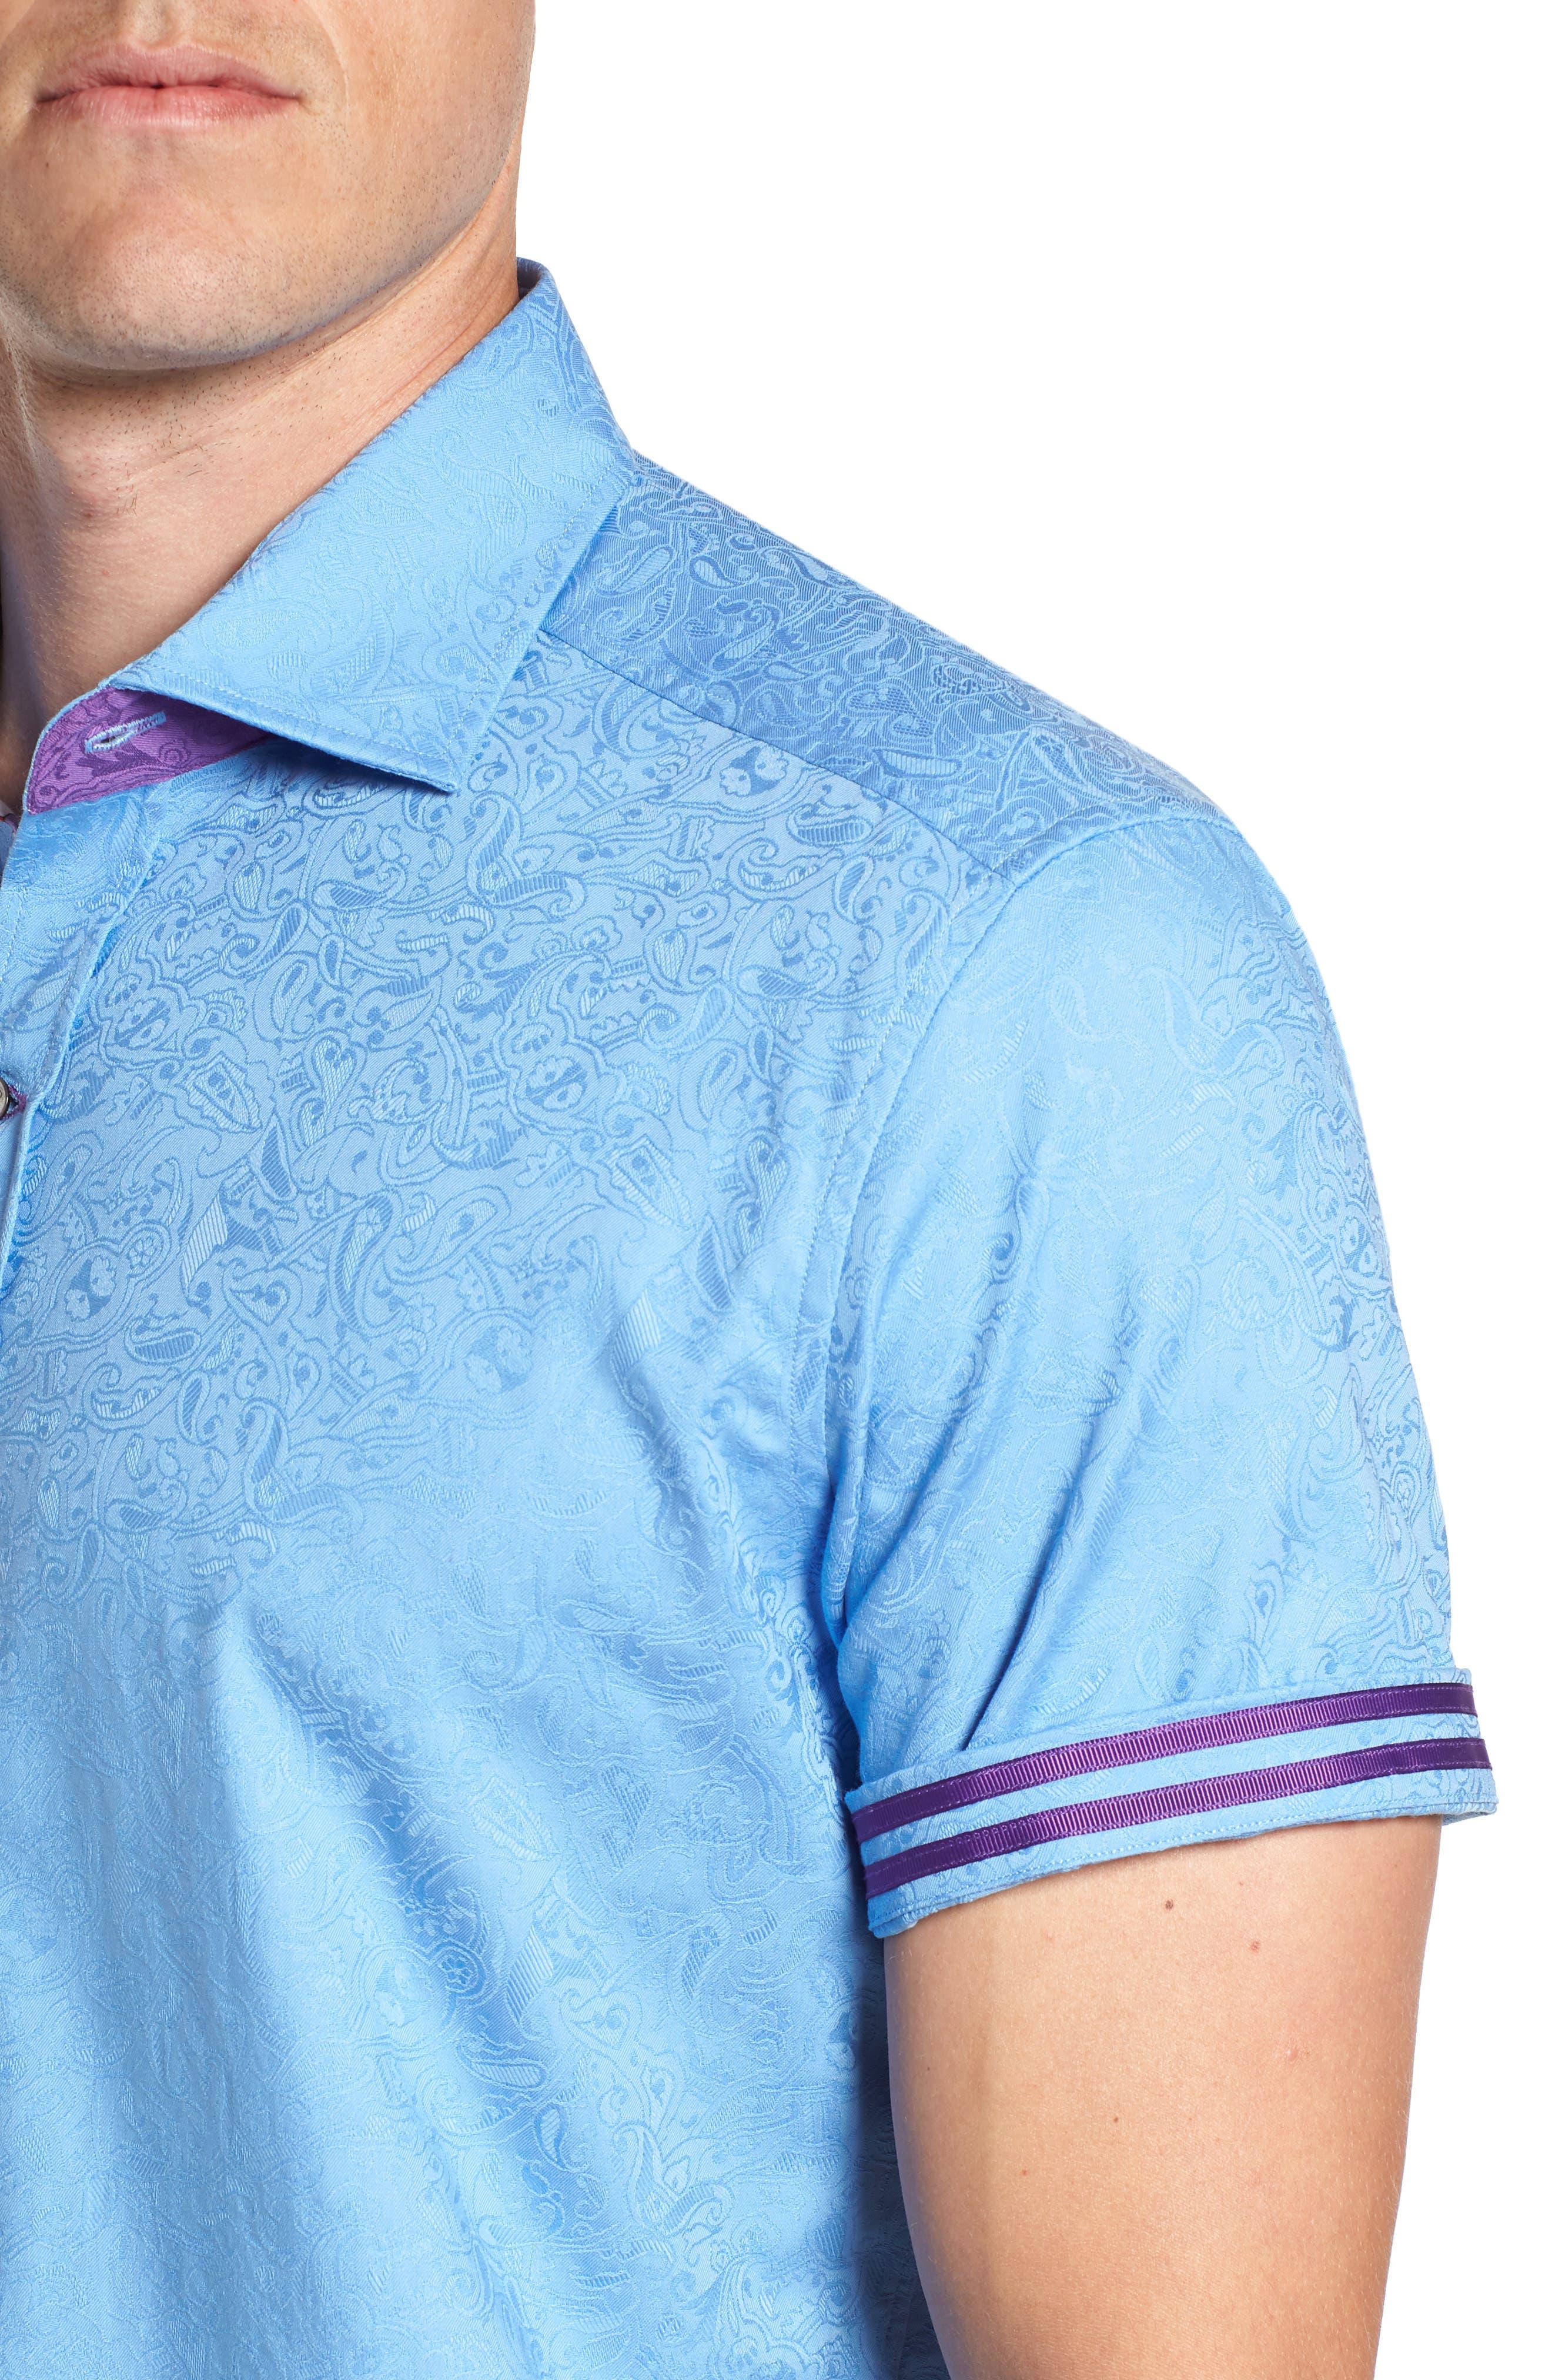 Abbott Sport Shirt,                             Alternate thumbnail 2, color,                             Blue